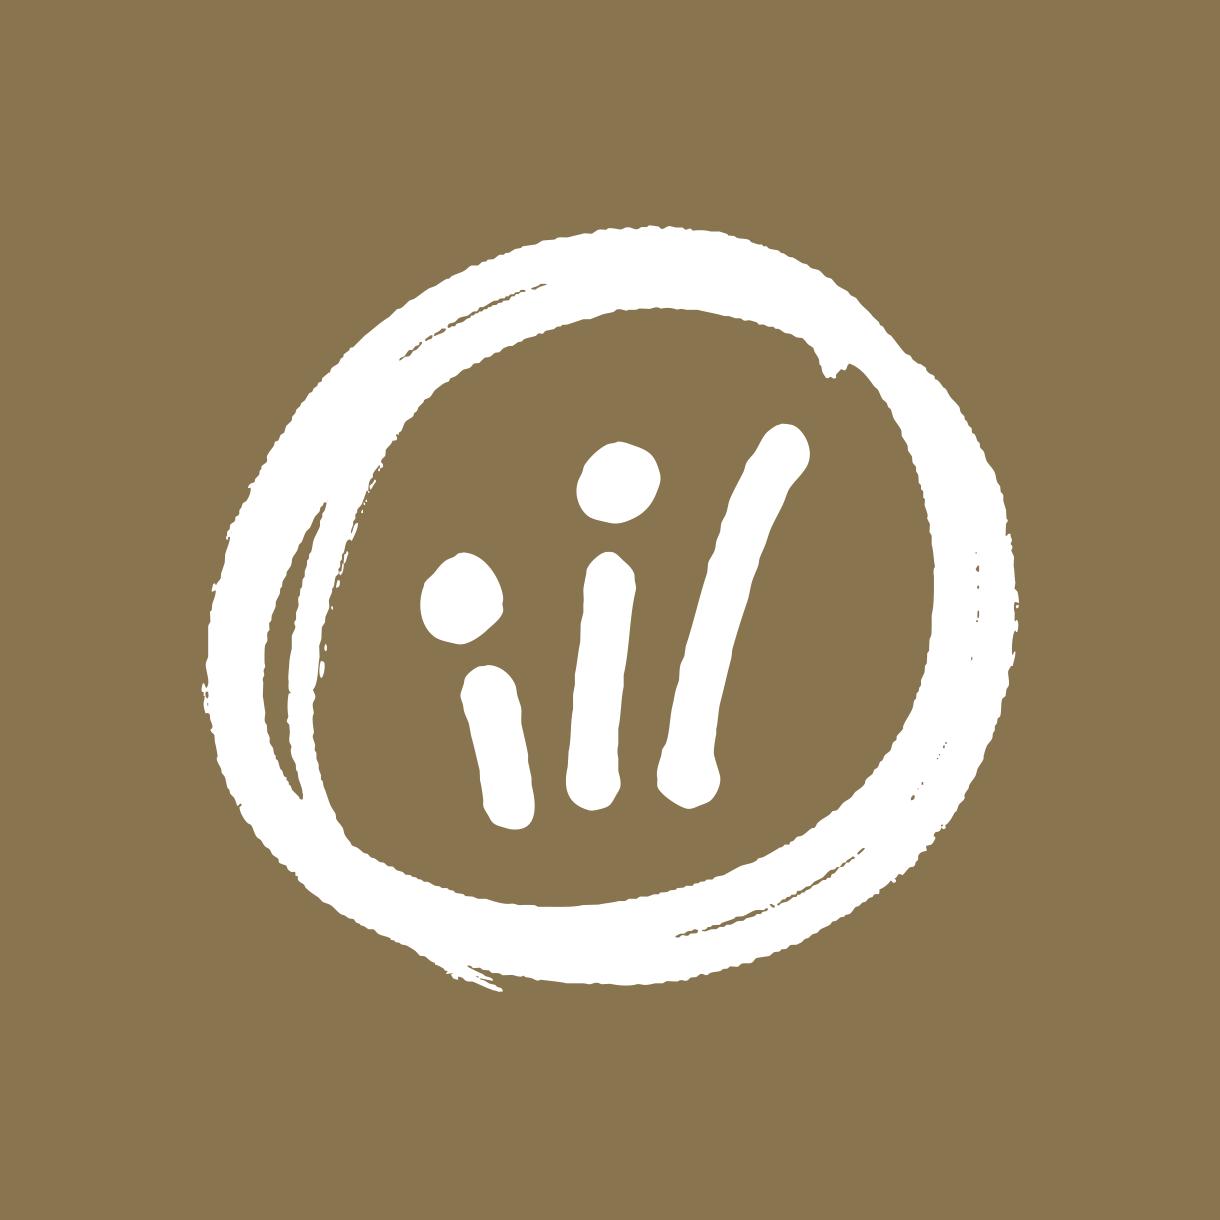 iil_imagecarre